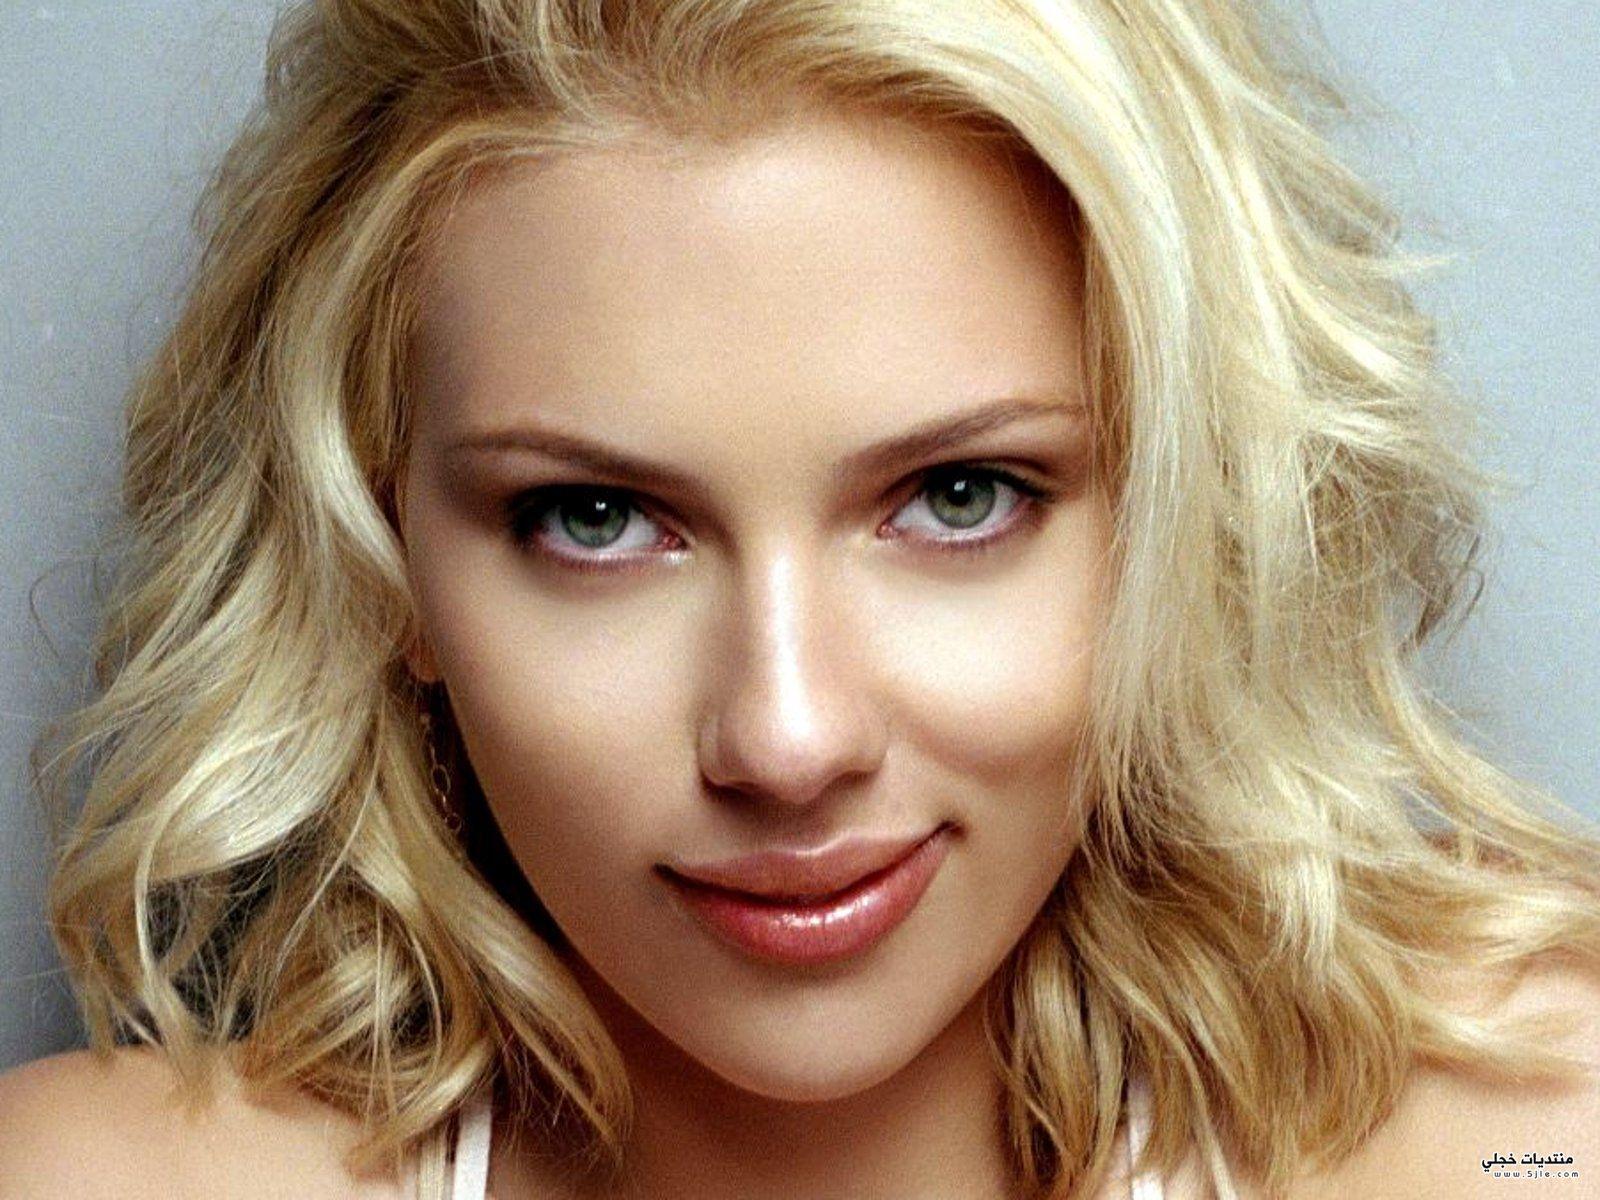 سكارليت جوهانسون Scarlett Johansson